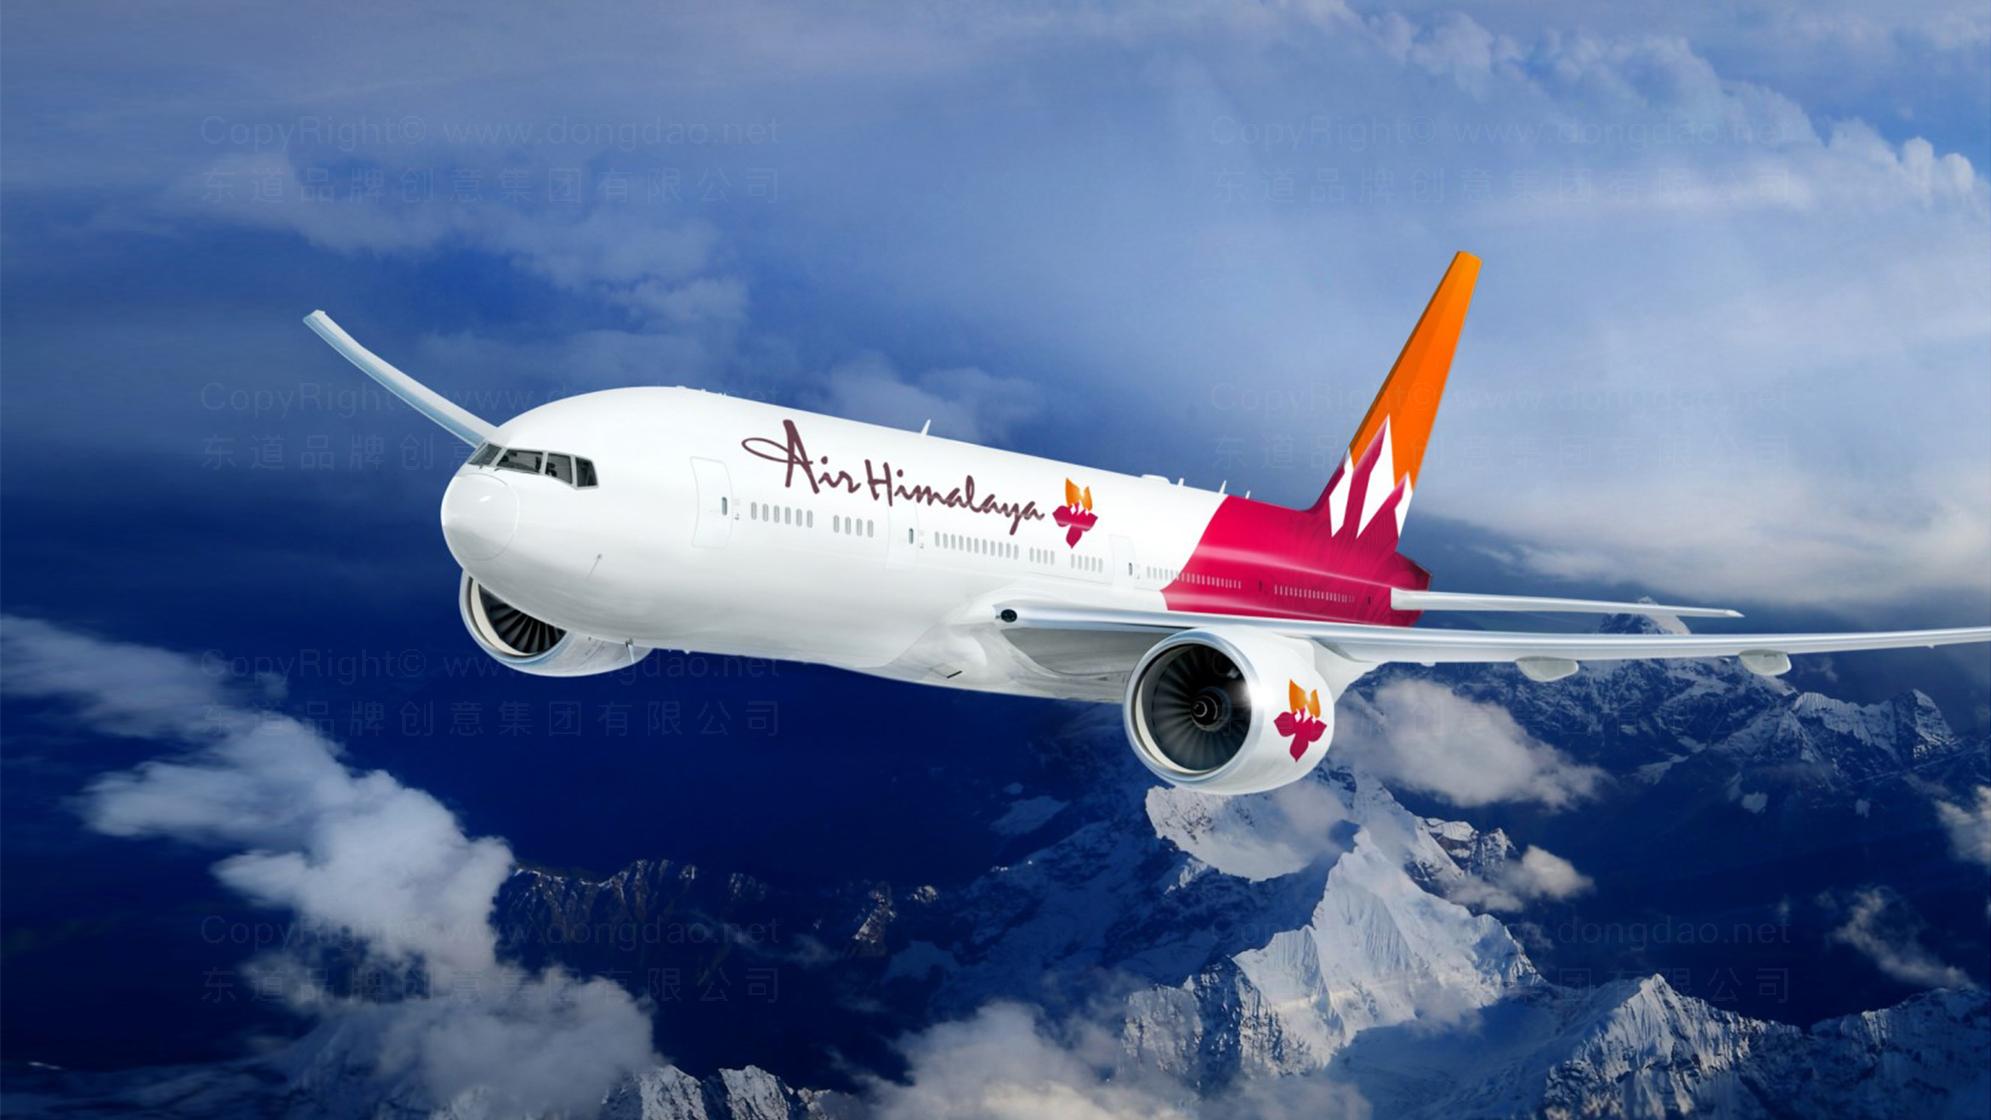 品牌设计喜马拉雅航空设计方案应用